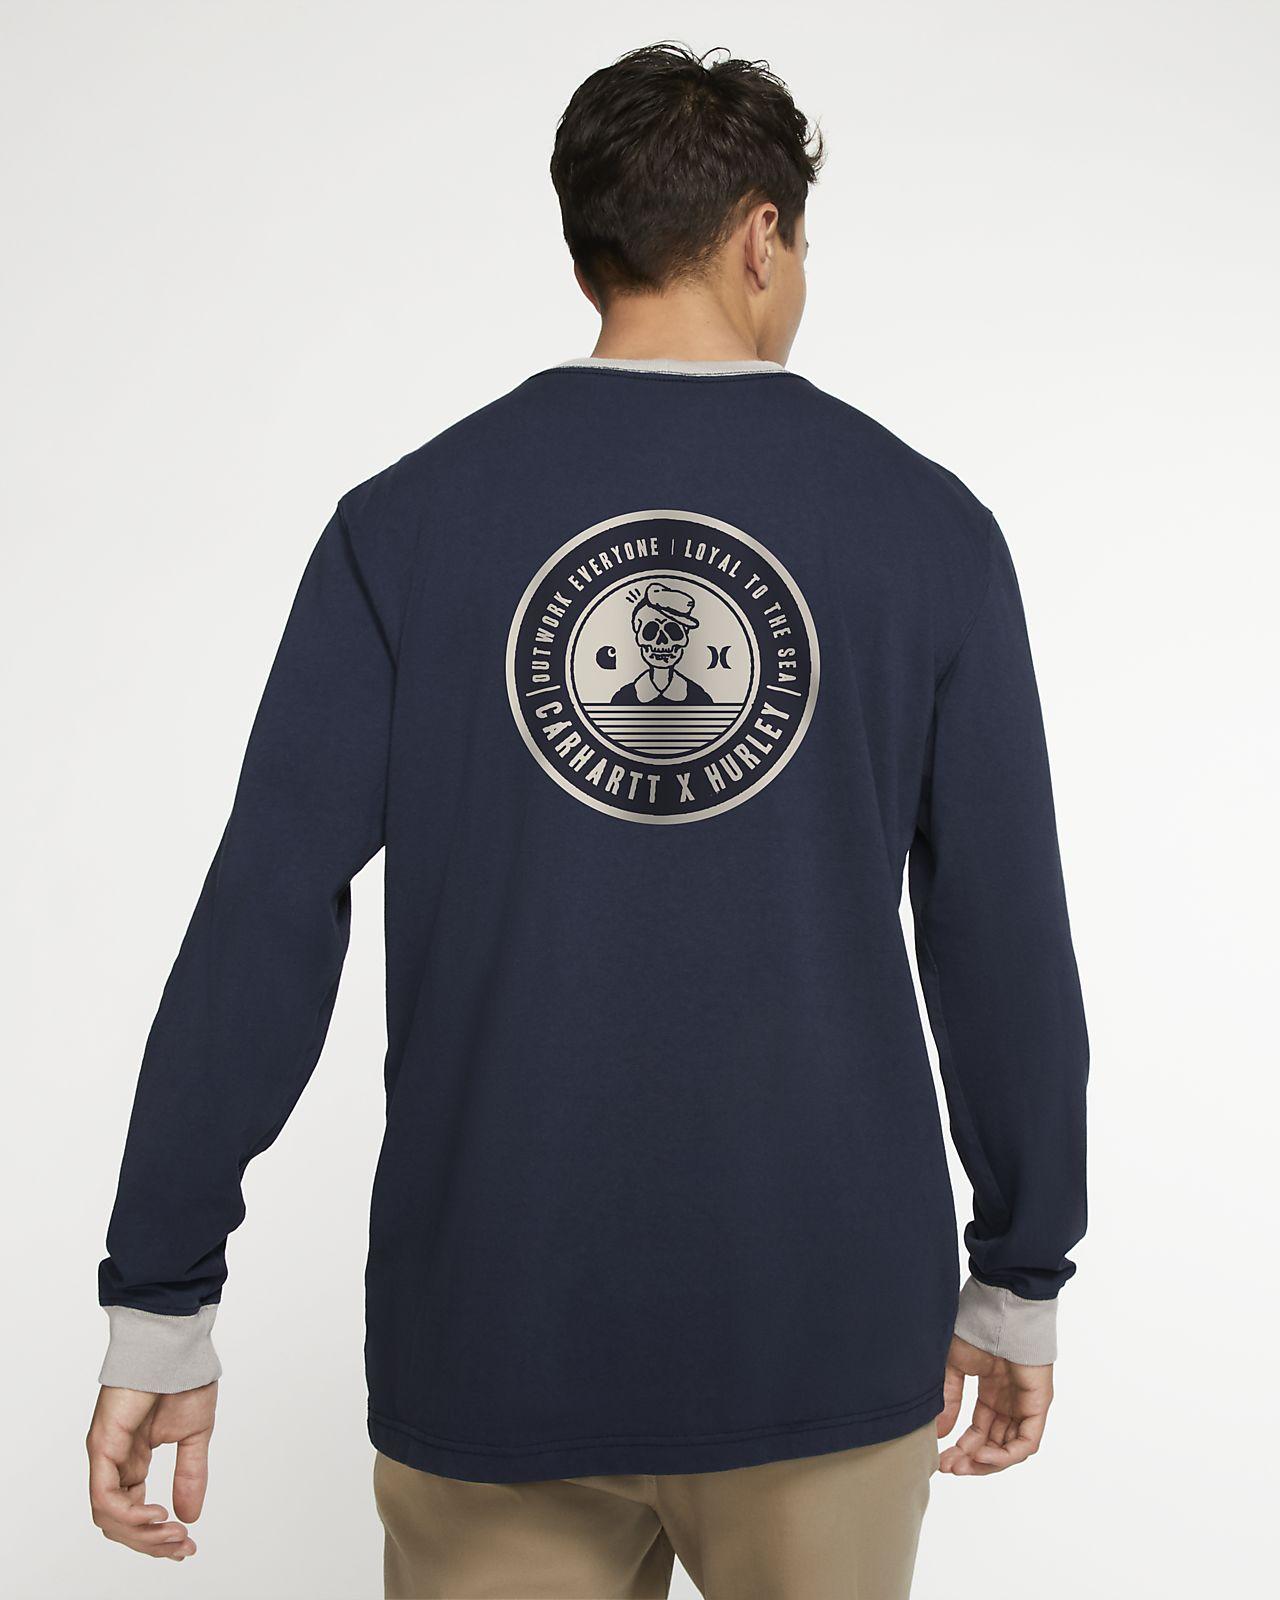 Hurley x Carhartt Ringer Men's Long-Sleeve T-Shirt